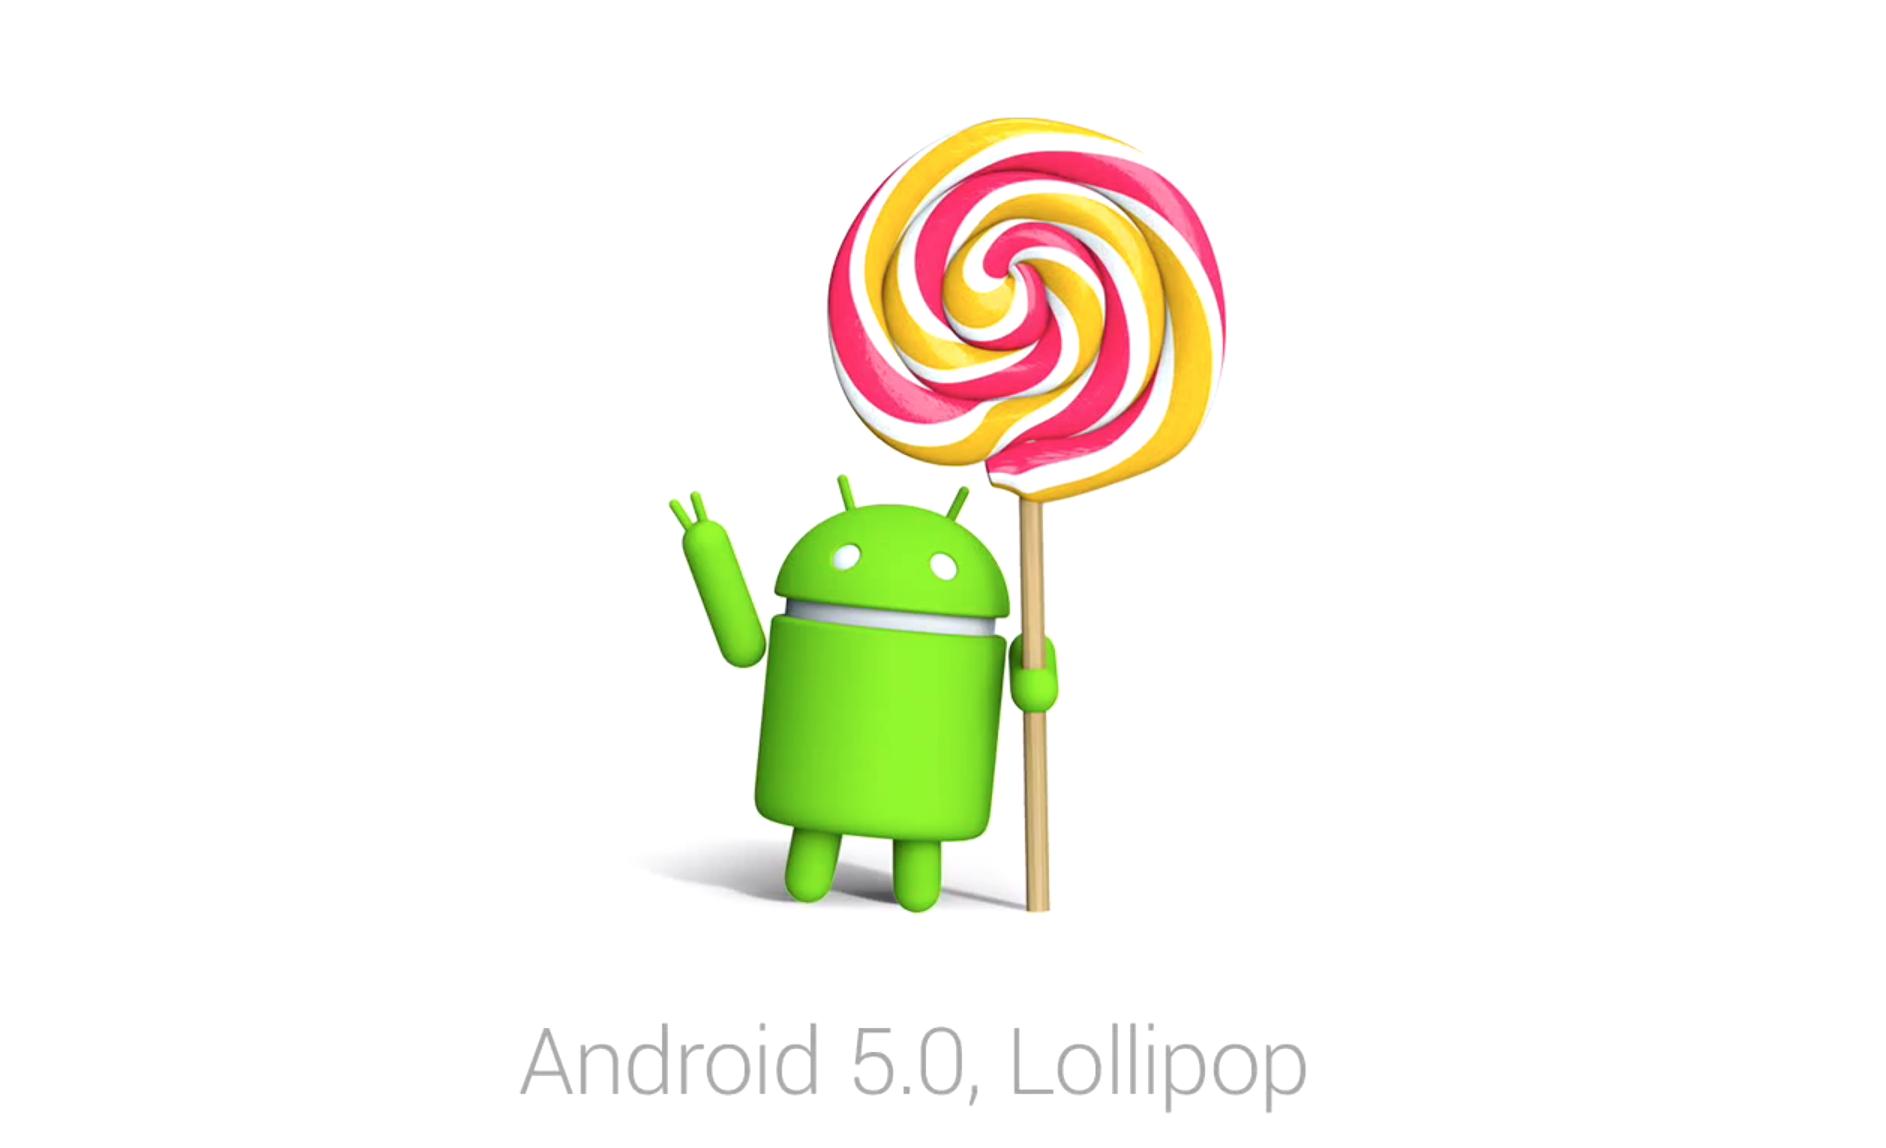 androidlollipop-01